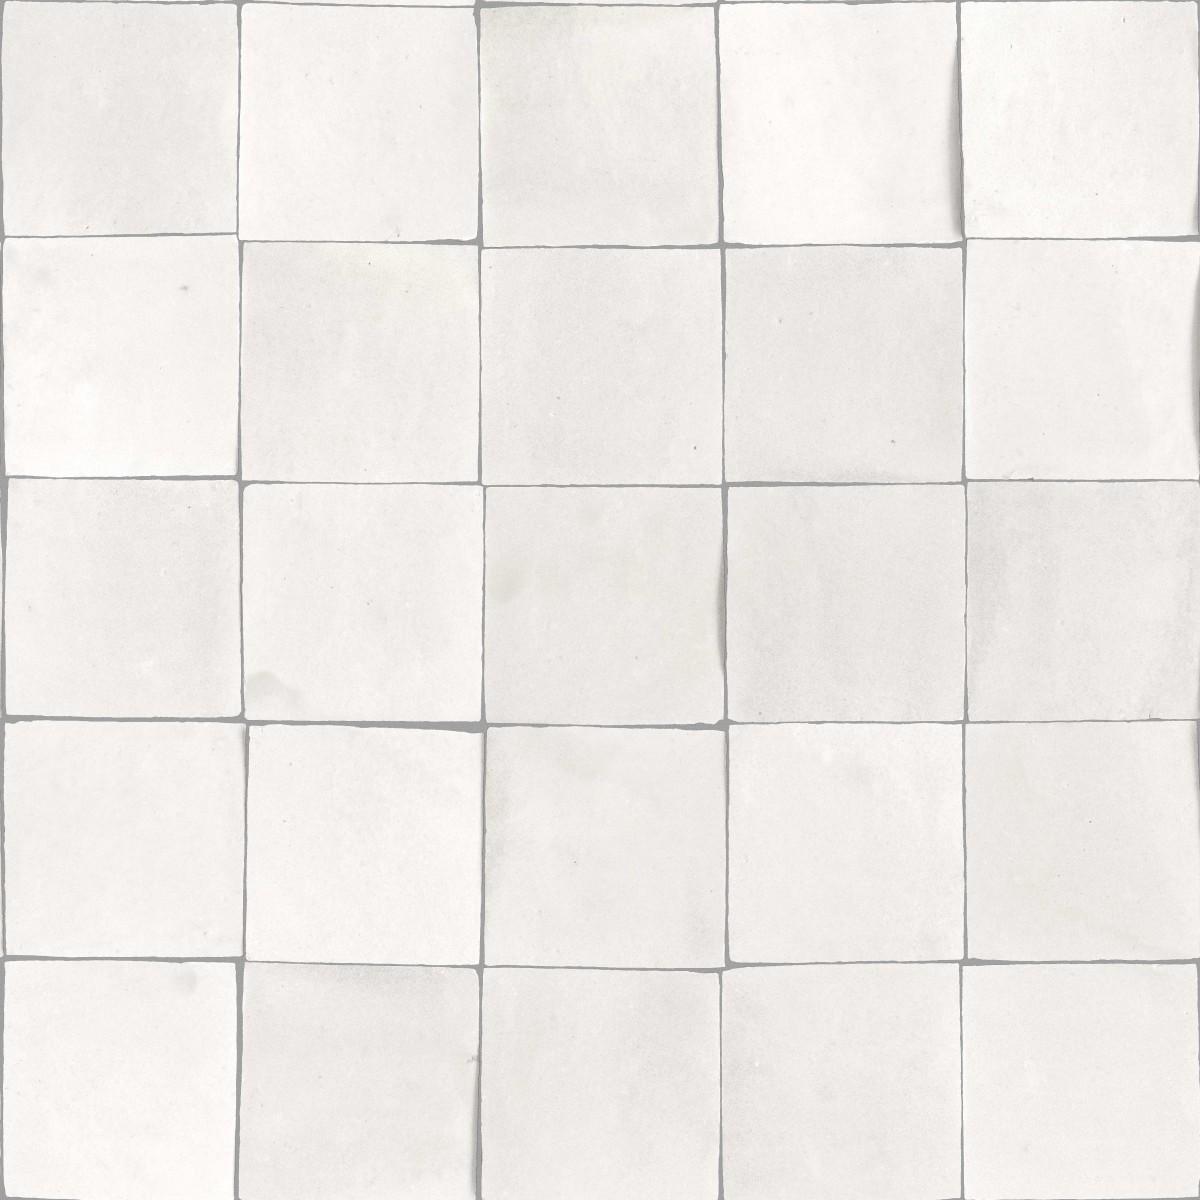 Обои флизелиновые Decoprint Nubia белые 0.53 м NU19150